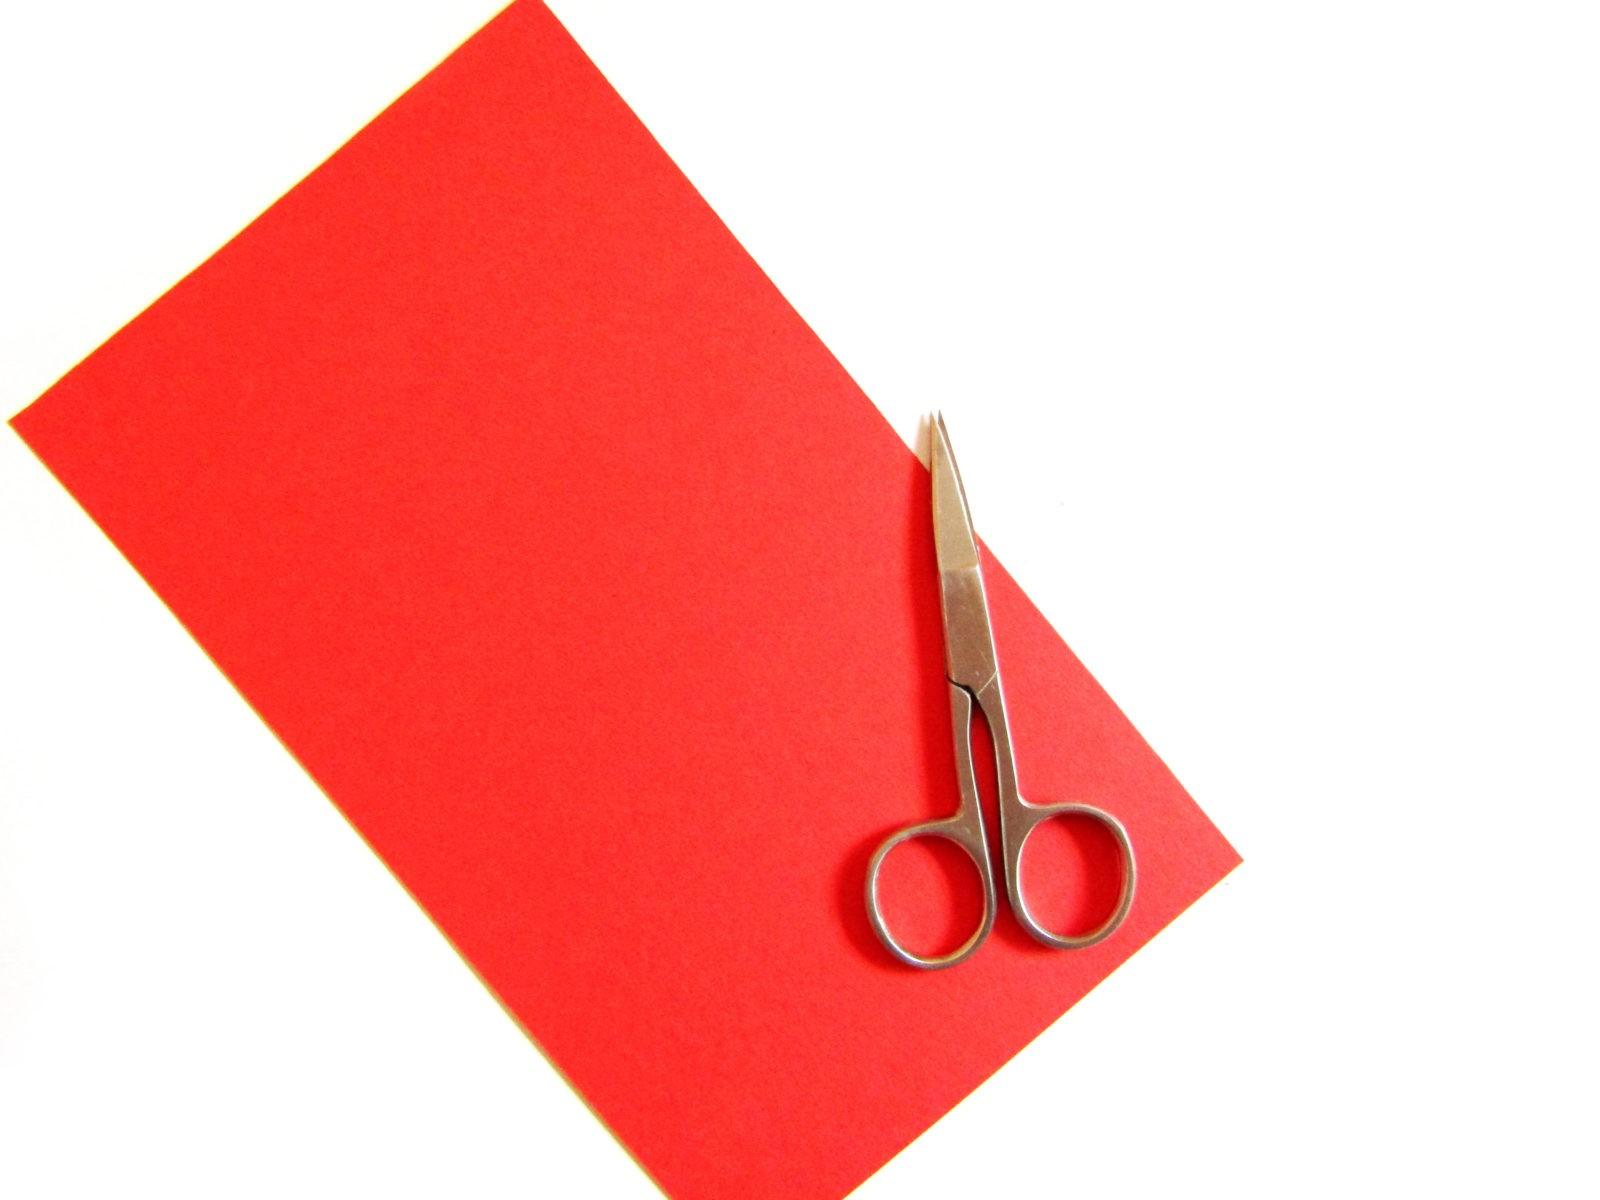 Как сделать открытку в технике квиллинг-2